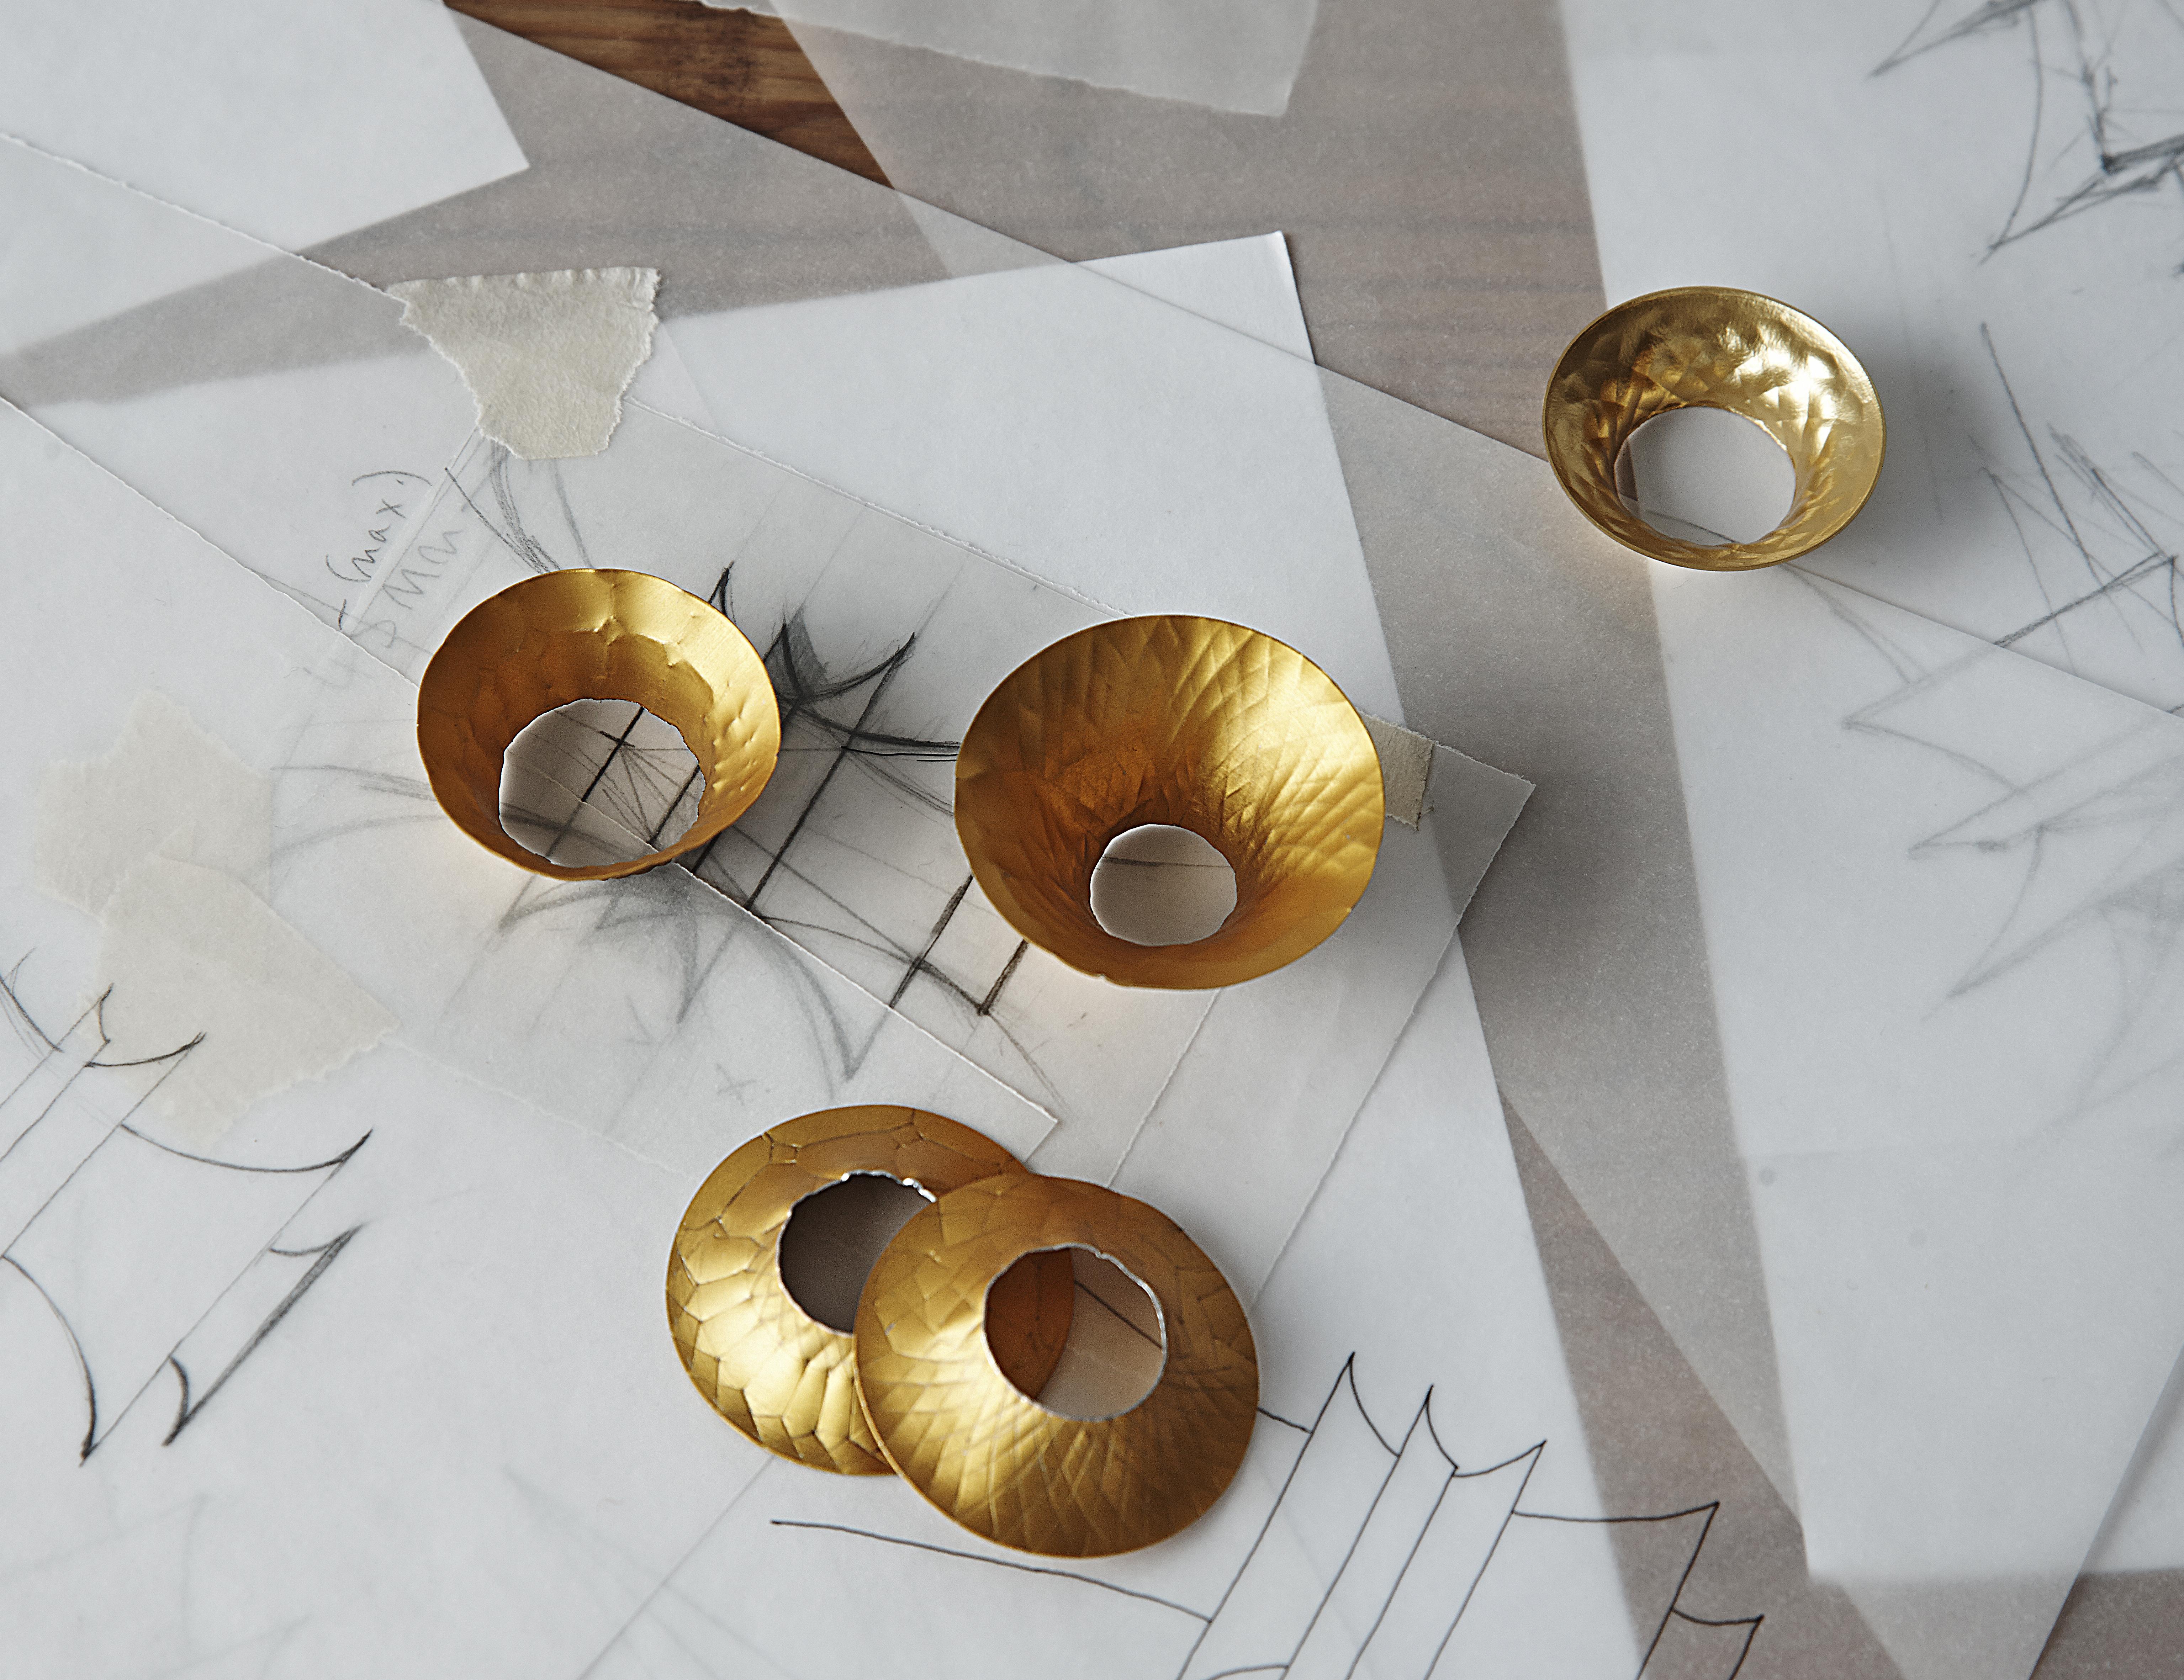 plumen-003-development-drawings-9